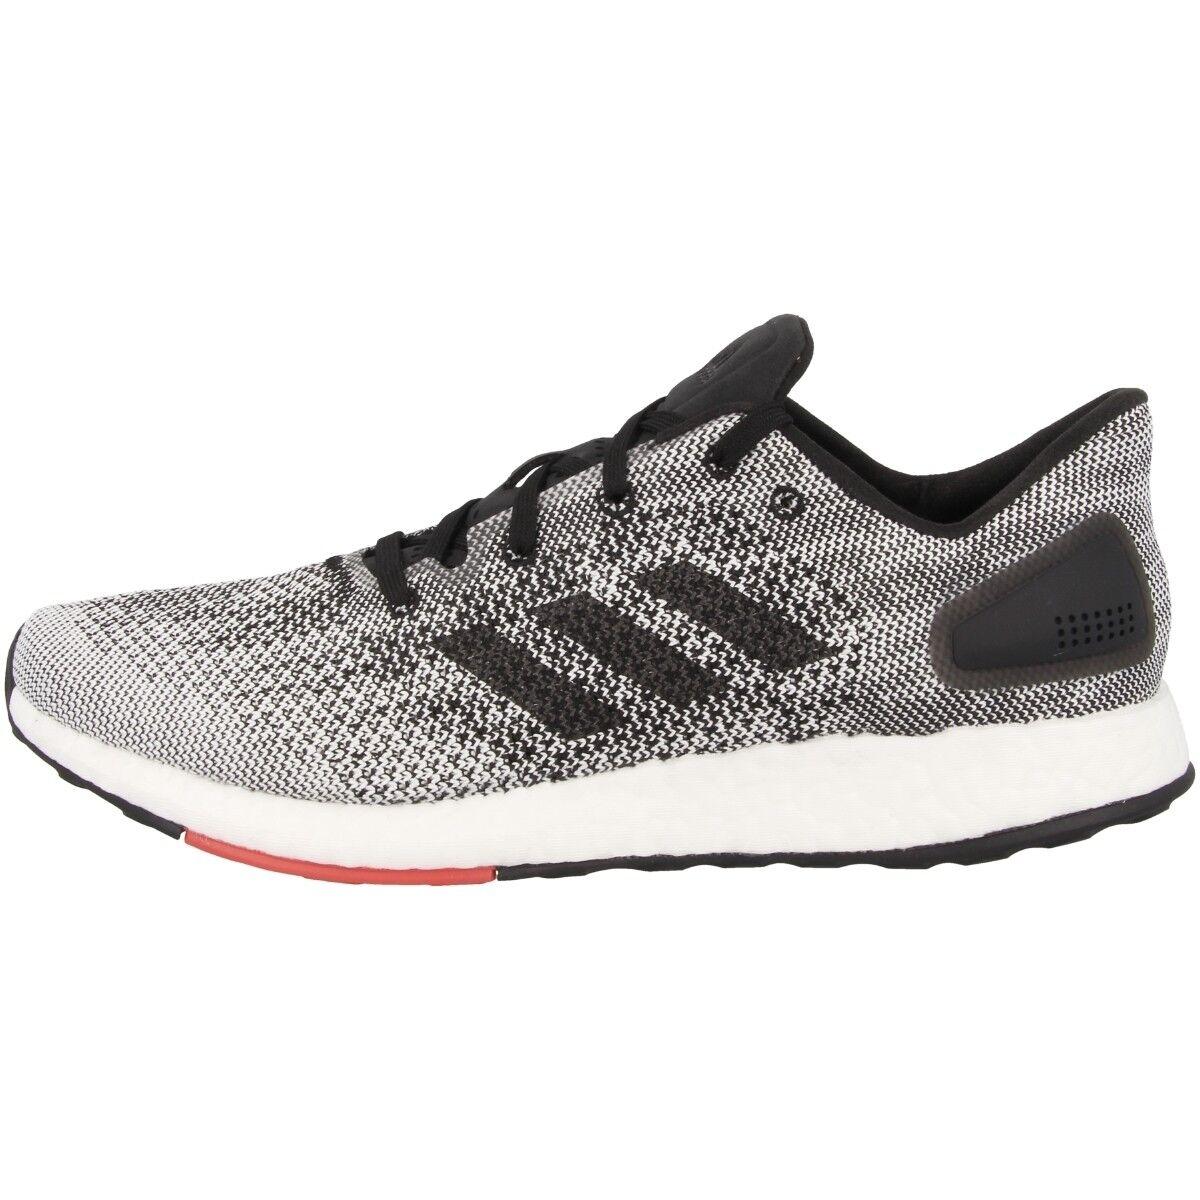 Adidas pureboost DPR Men zapatos caballero zapatillas cortos negro blancooo s80993